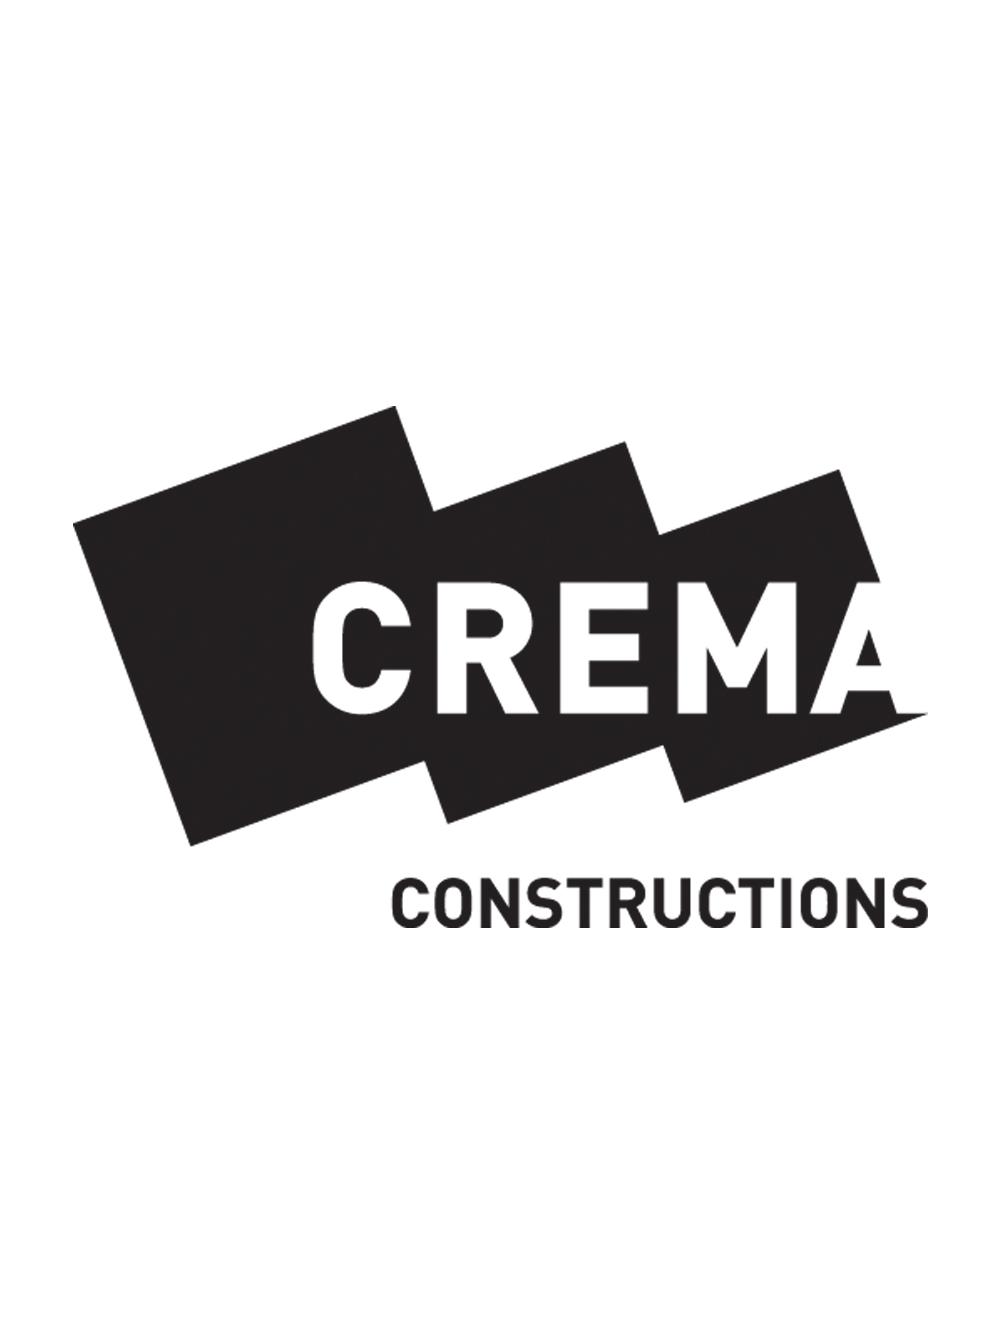 Crema-Constructions_1000x1333.png